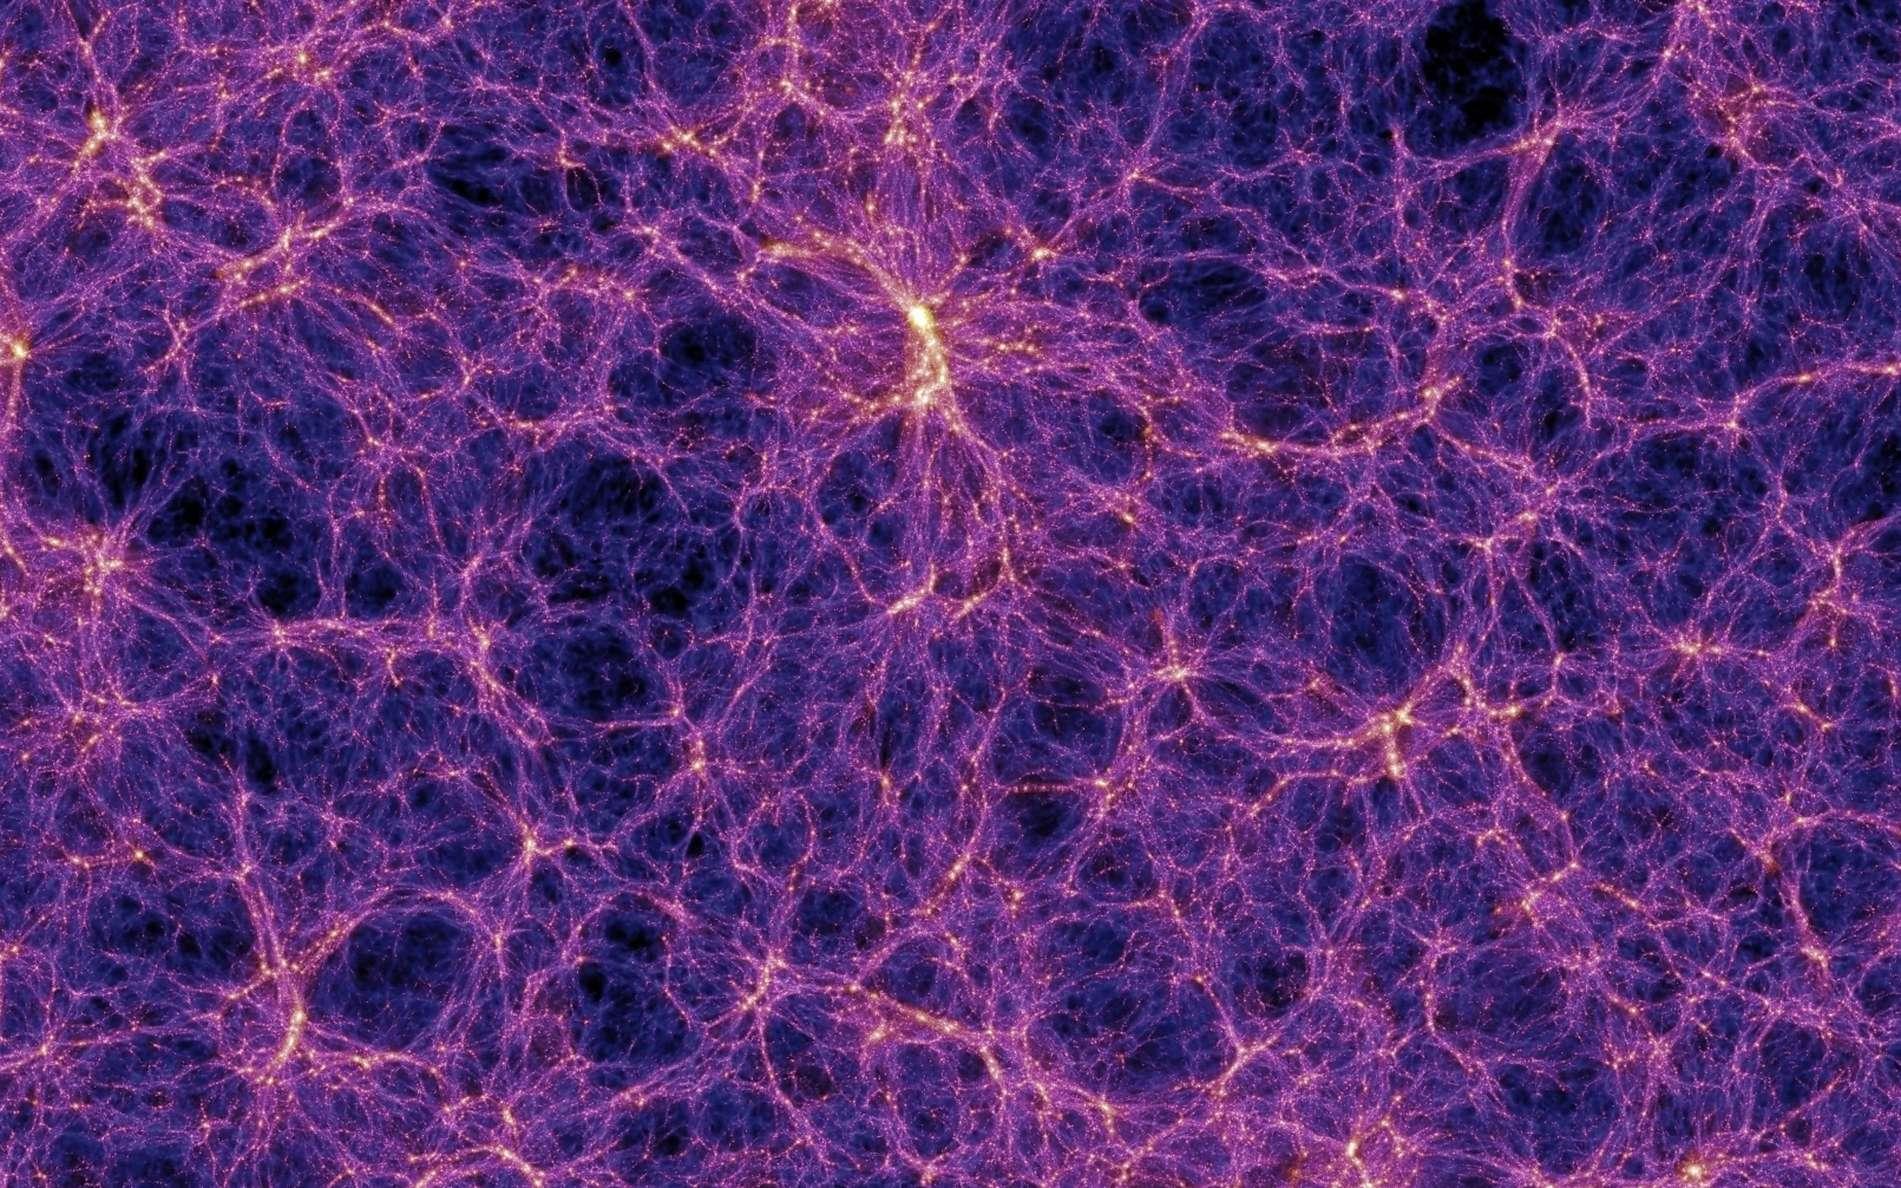 Sur cette image provenant d'une des meilleures simulations de la formation des grandes structures de l'univers, des filaments de matière noire contenant des superamas de galaxies apparaissent clairement. On note aussi la présence de grands vides que l'on appelle parfois des vides cosmiques (cosmic voids en anglais). La barre blanche indique l'échelle des distances en mégaparsecs corrigée par le facteur h lié à la constante de Hubble. On estime que h est compris entre 0,65 et 0,70, la meilleure estimation en 2014 étant de 0,68. © Max Planck Institute for Astrophysics, Millennium Simulation Project